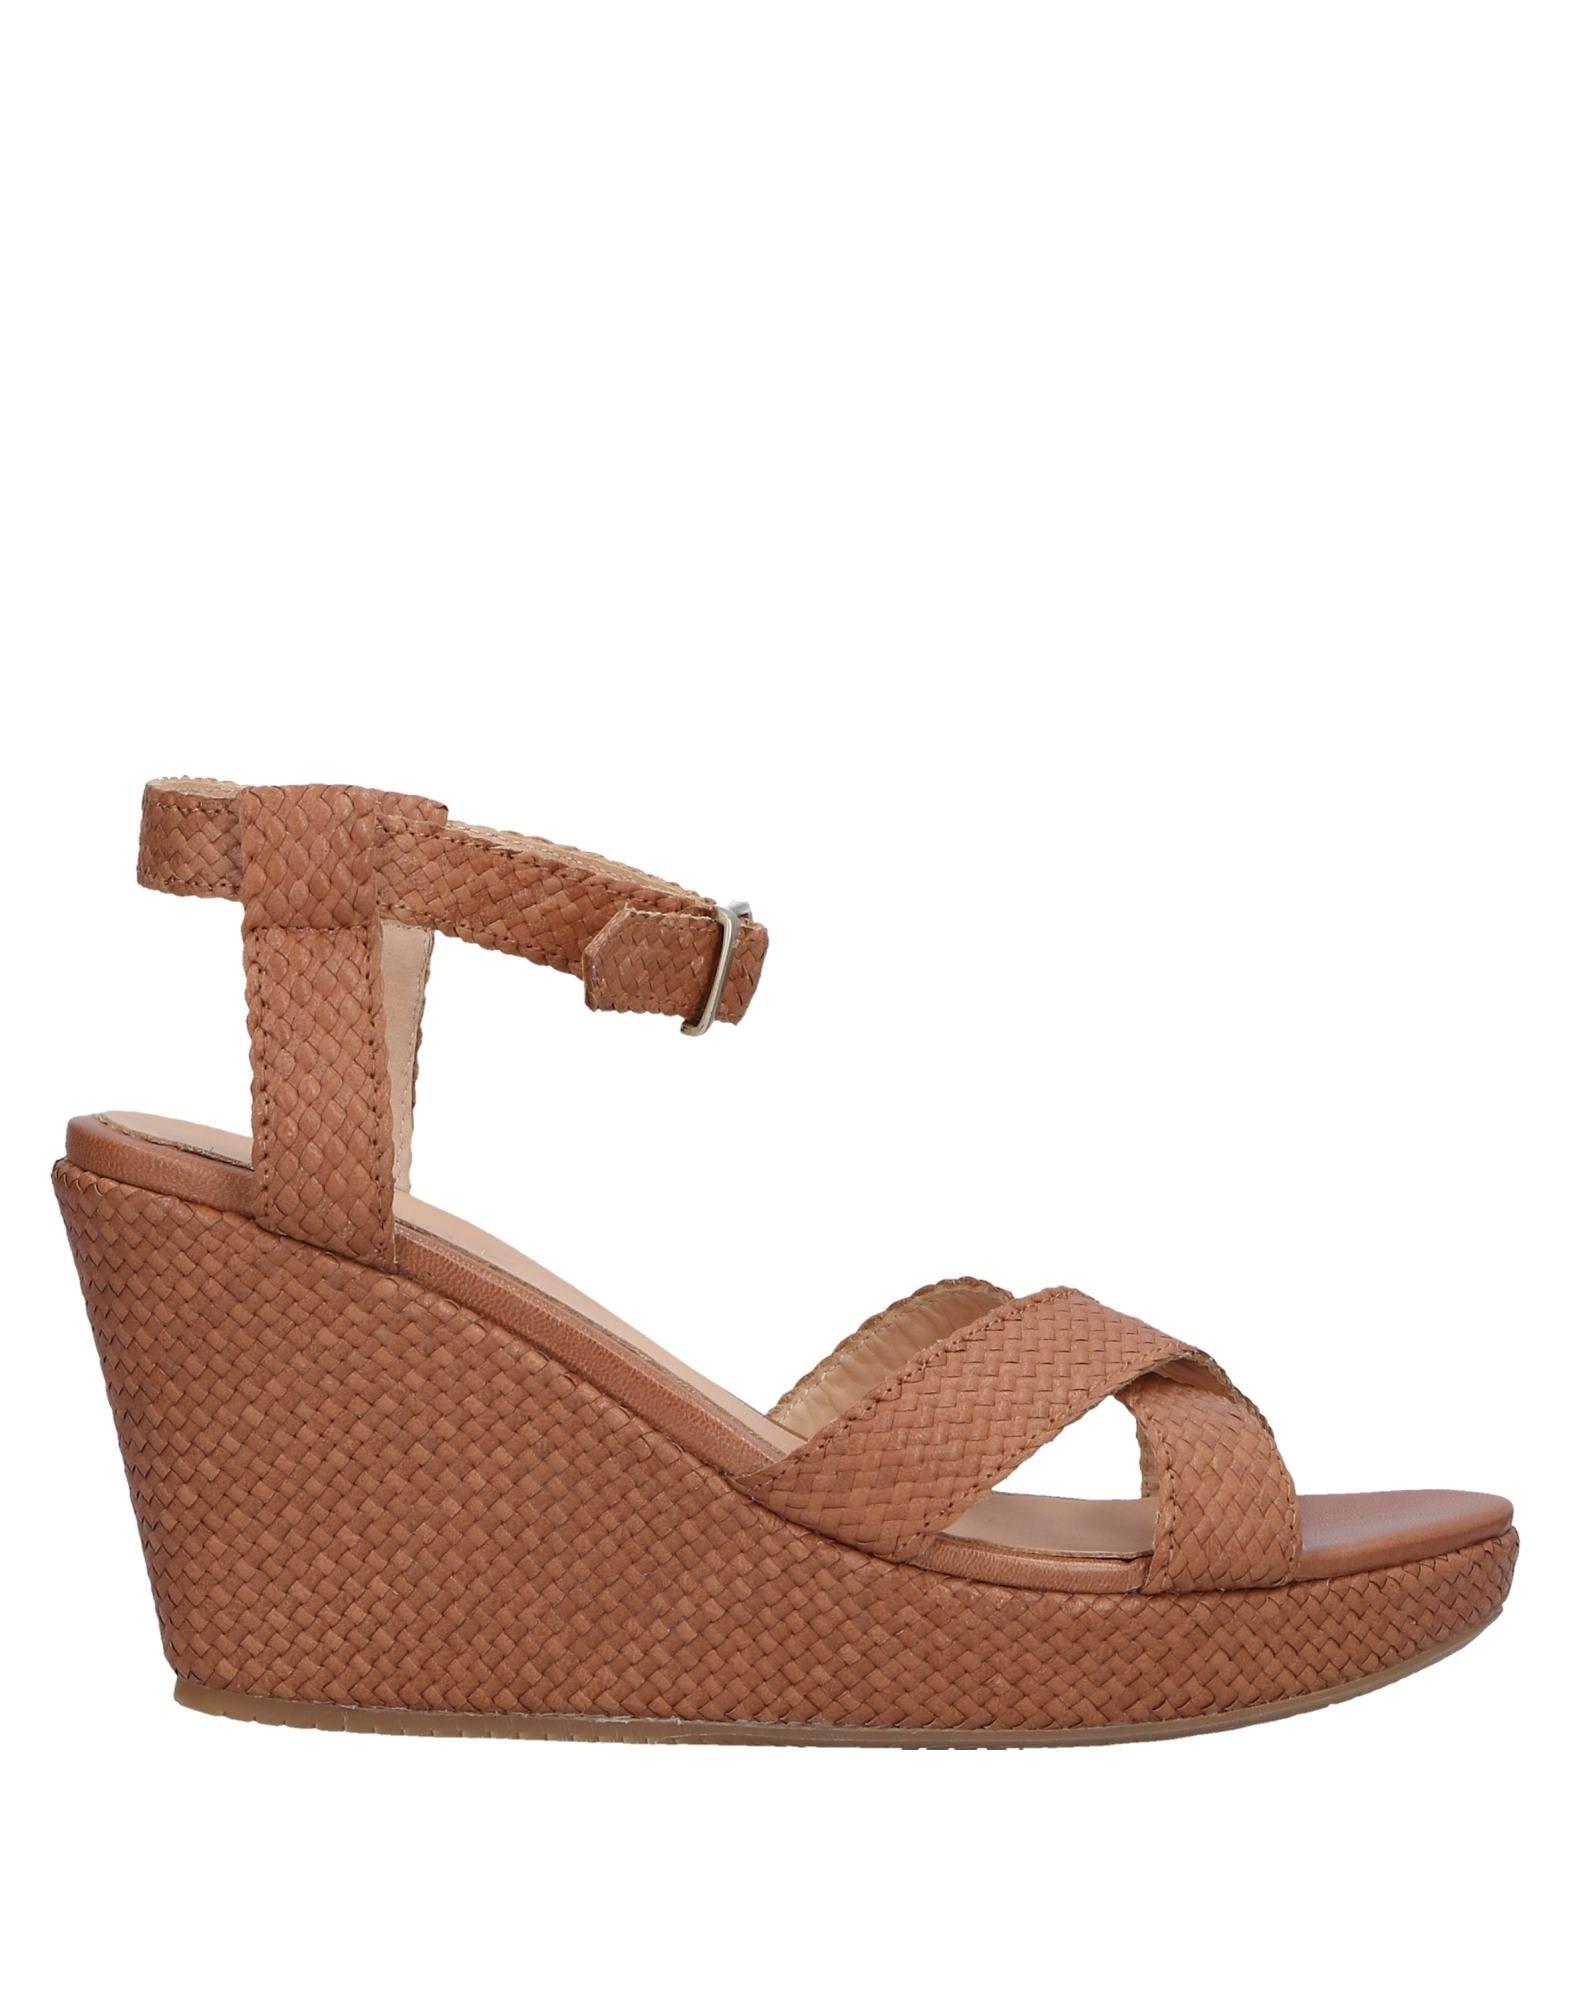 Allan K Sandalen Damen  11529742XH Gute Qualität beliebte Schuhe